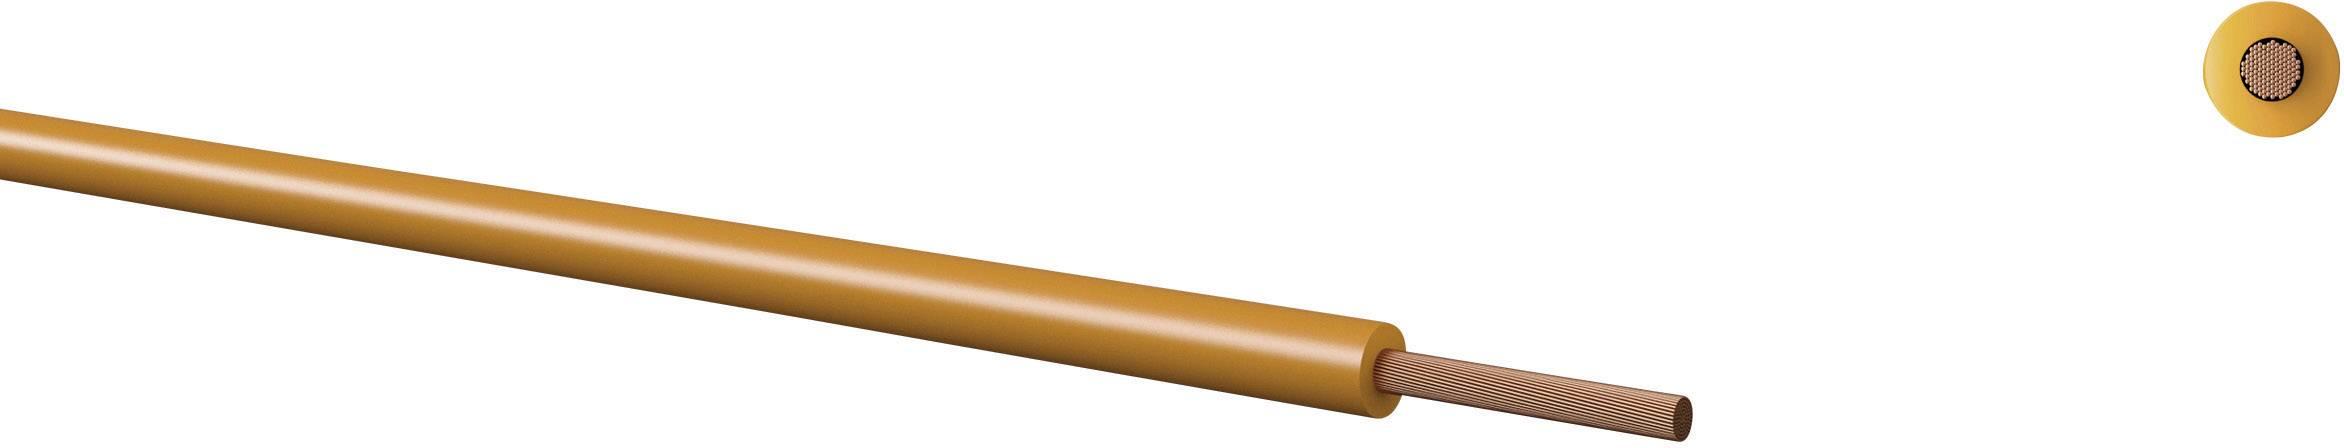 Opletenie / lanko Kabeltronik 160102509 LiFY, 1 x 0.25 mm², vonkajší Ø 1.40 mm, metrový tovar, čierna